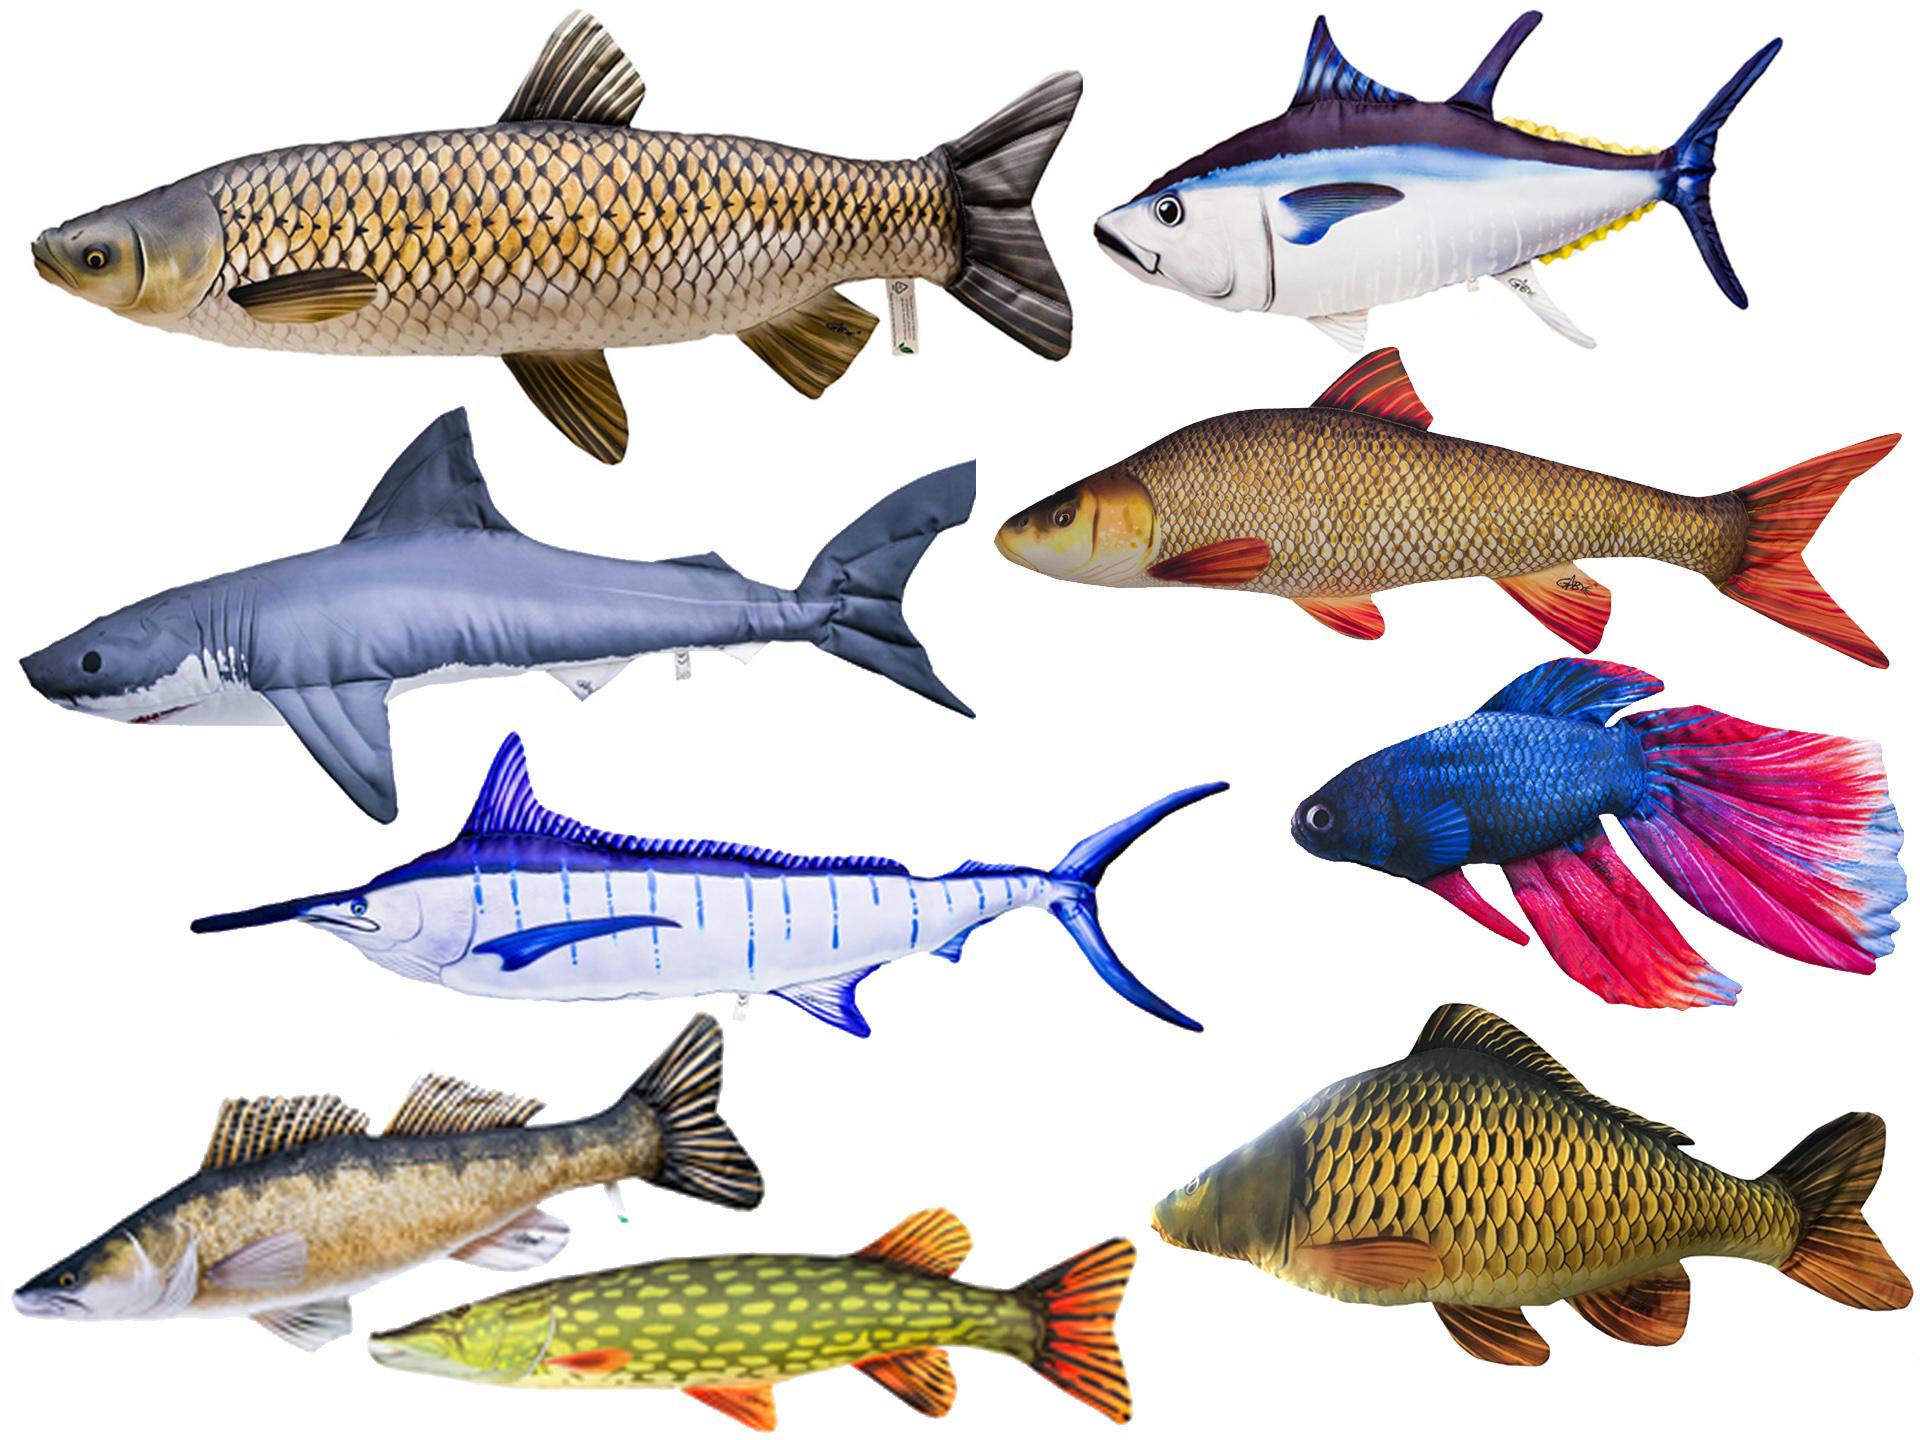 Az élethű halas párnáink választéka mostanra igen széles, bárki megtalálhatja köztük a számára leginkább szimpatikus változatot